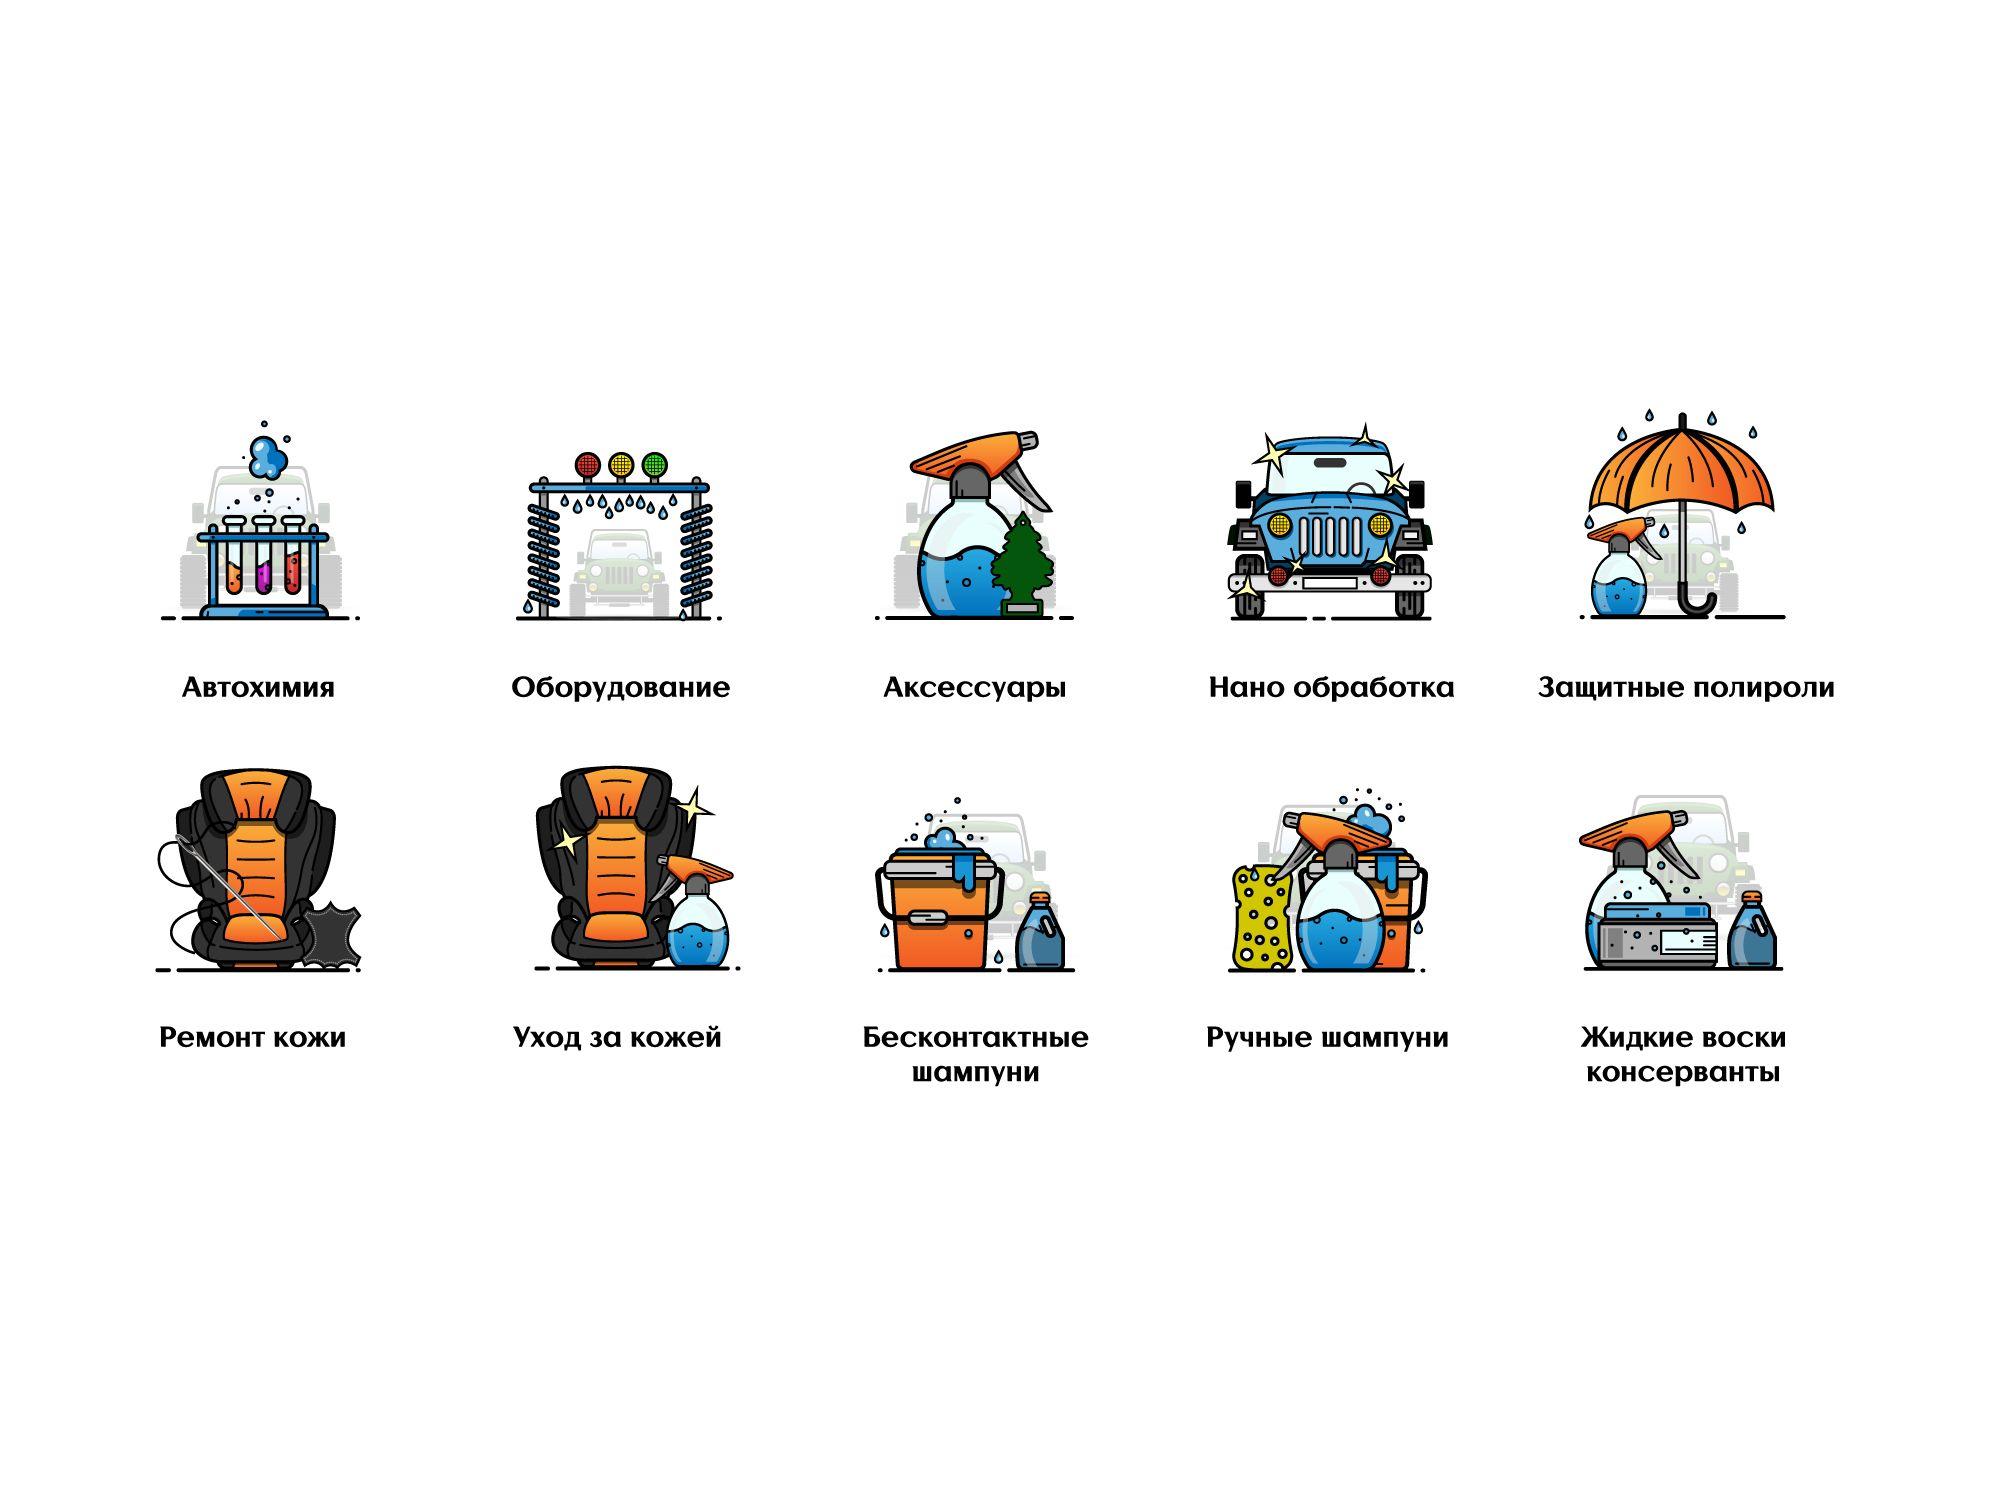 Иконки категорий для сайта автокосметики - дизайнер djobsik